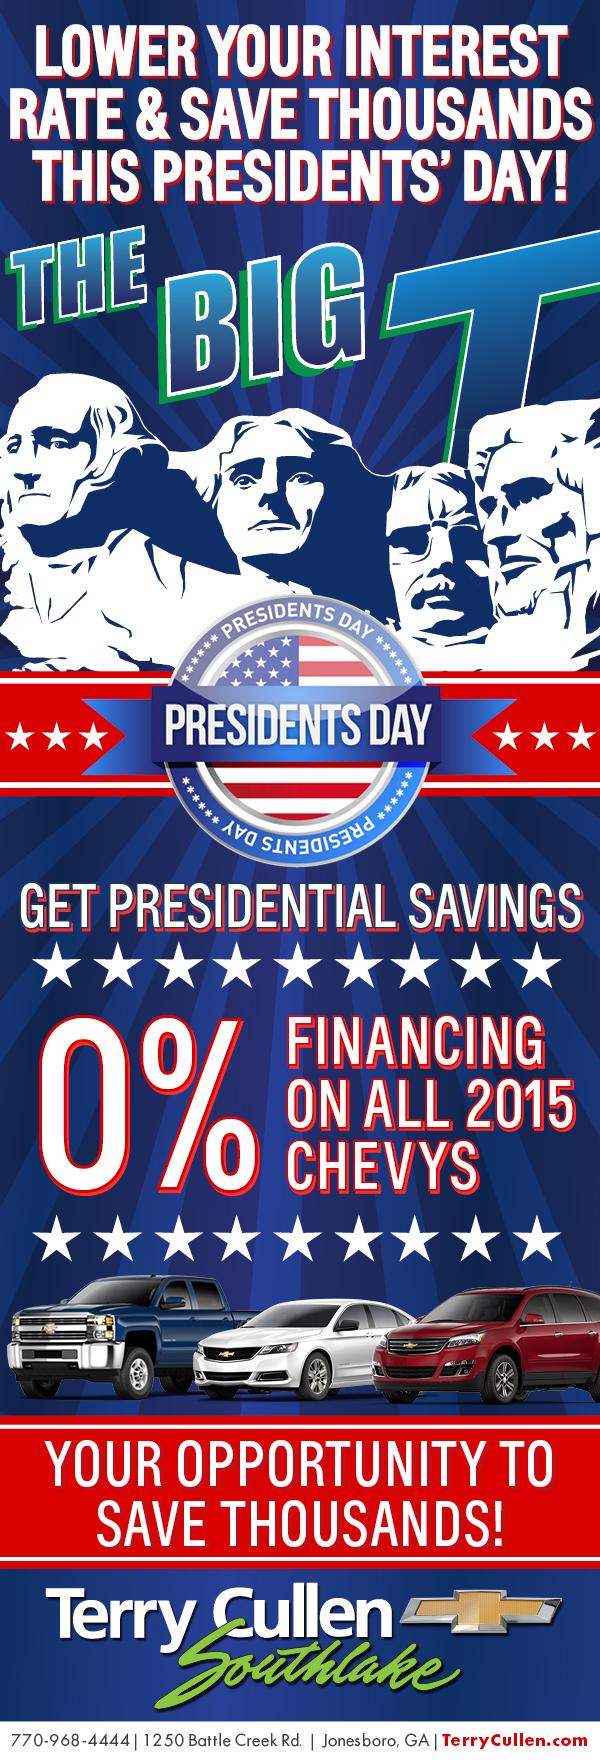 - Get Presidential Savings